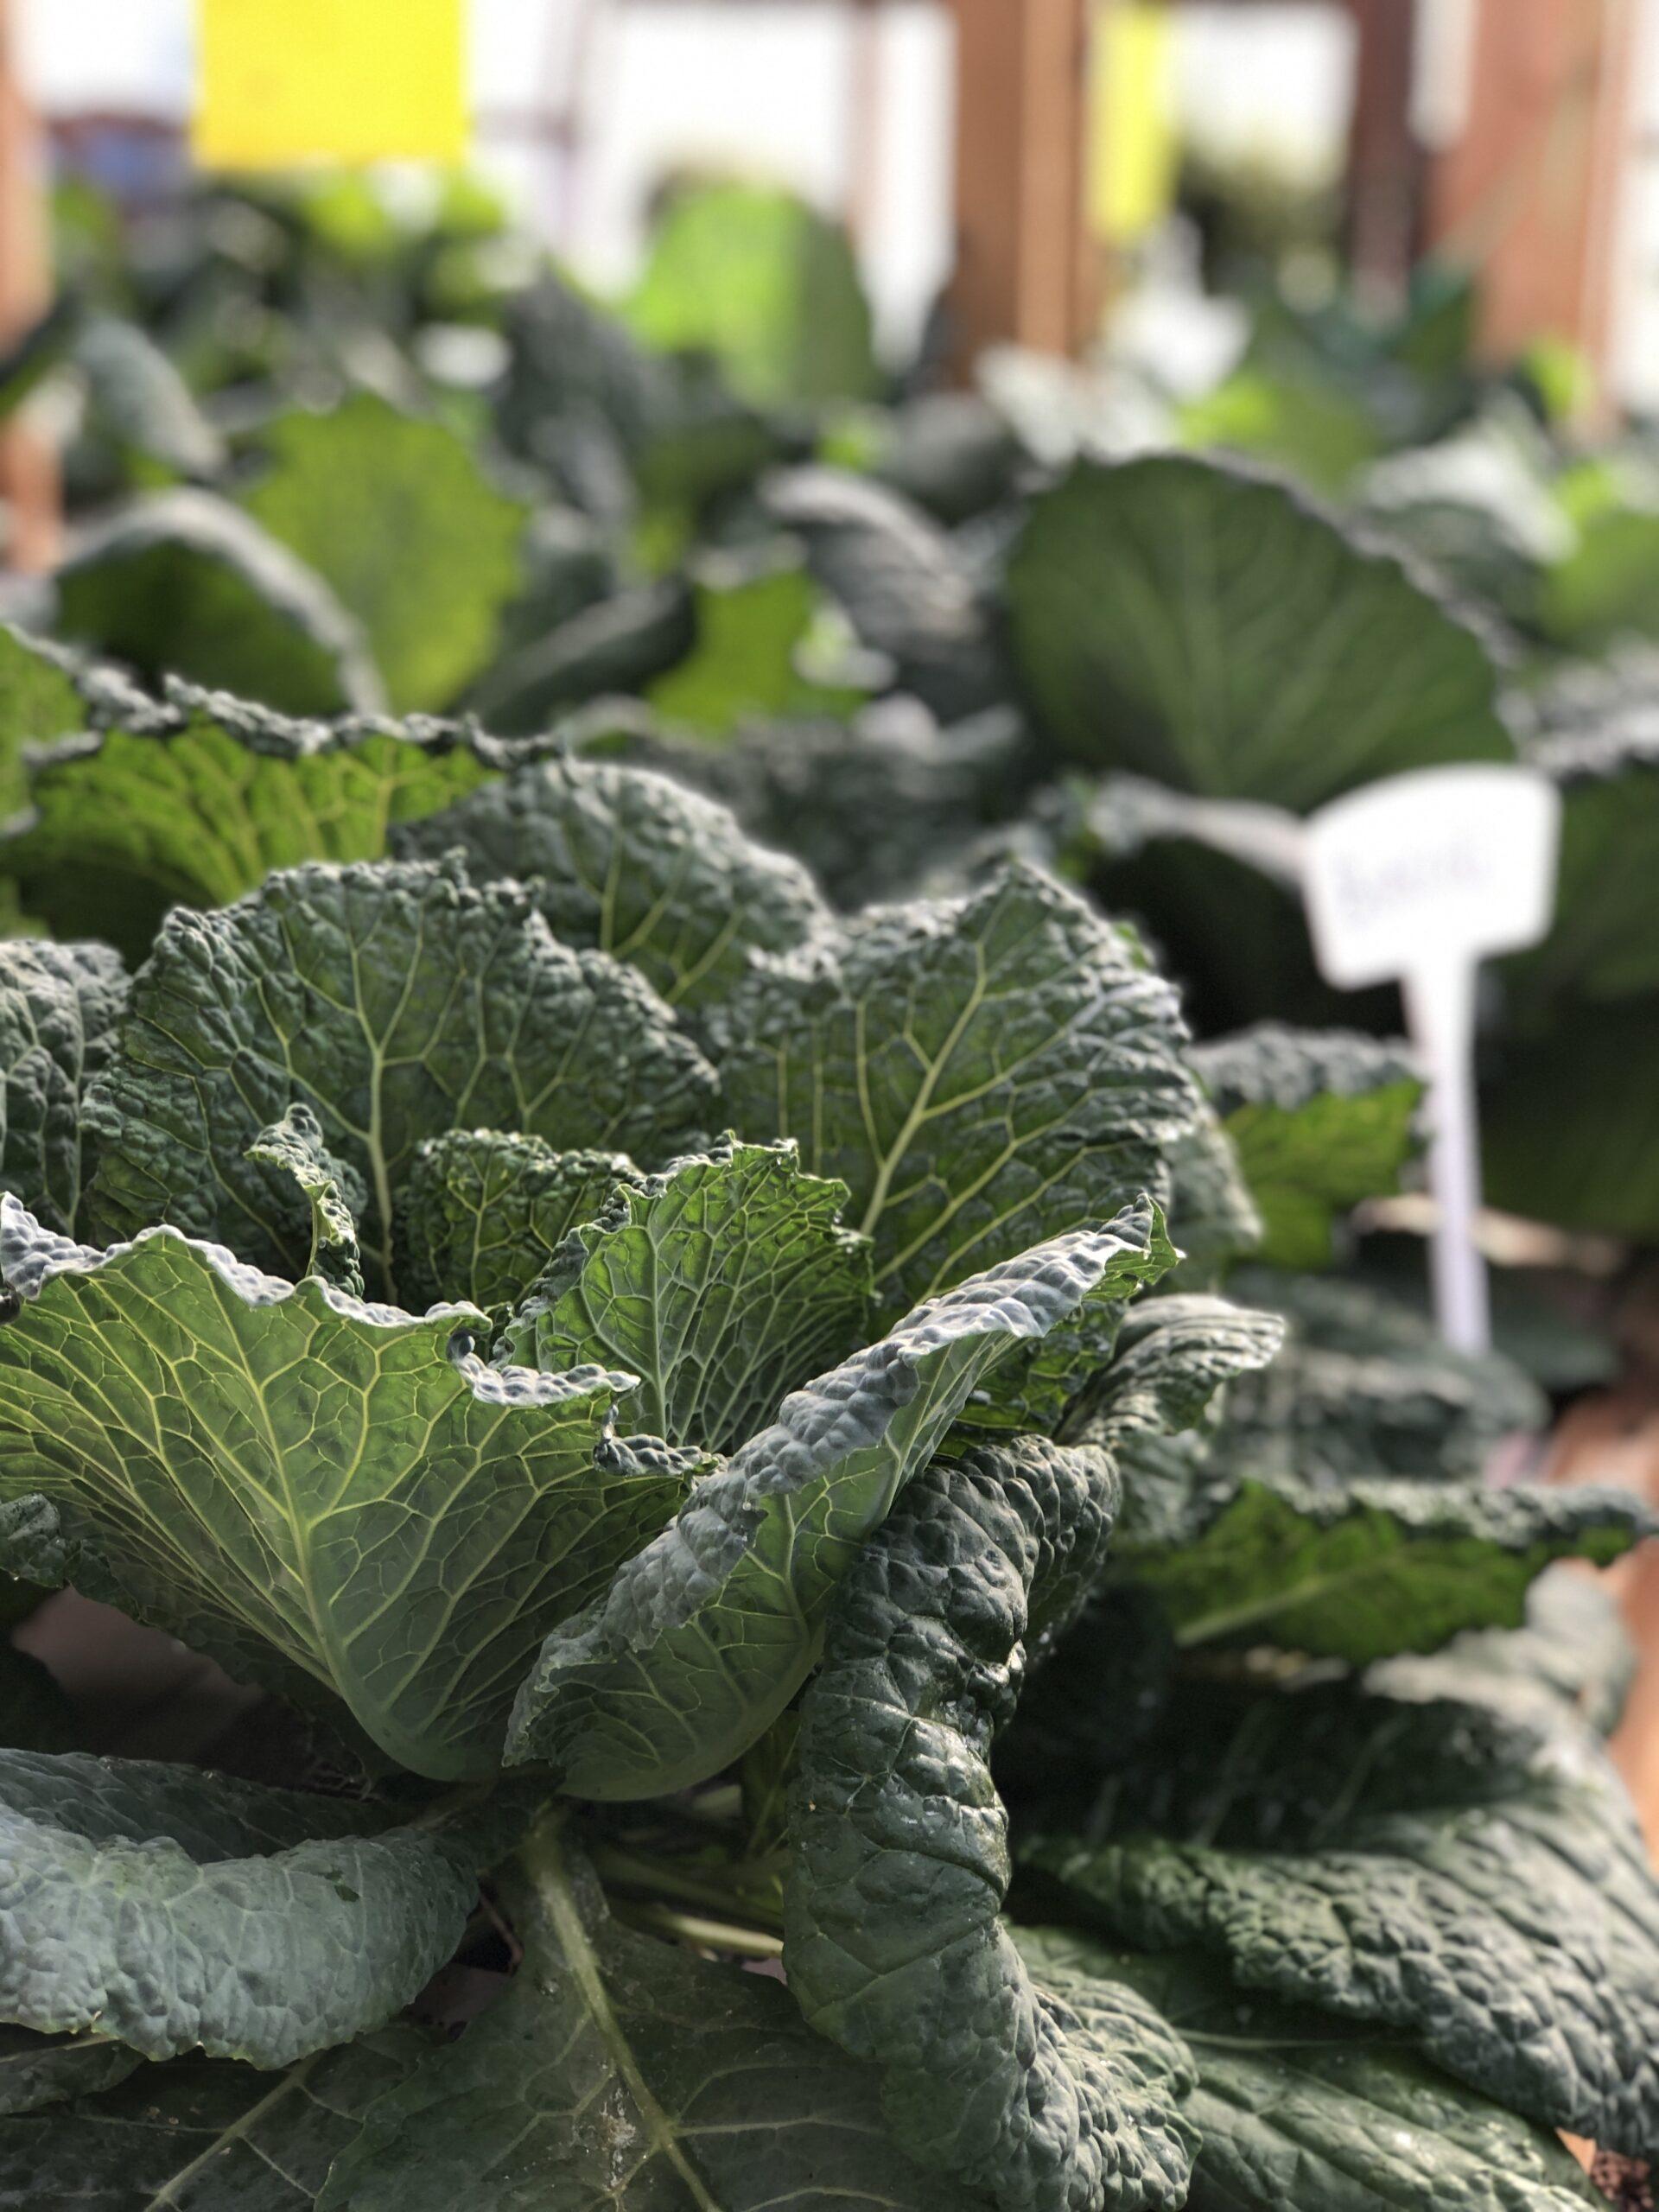 Teaching Gardening and Restoring Communities